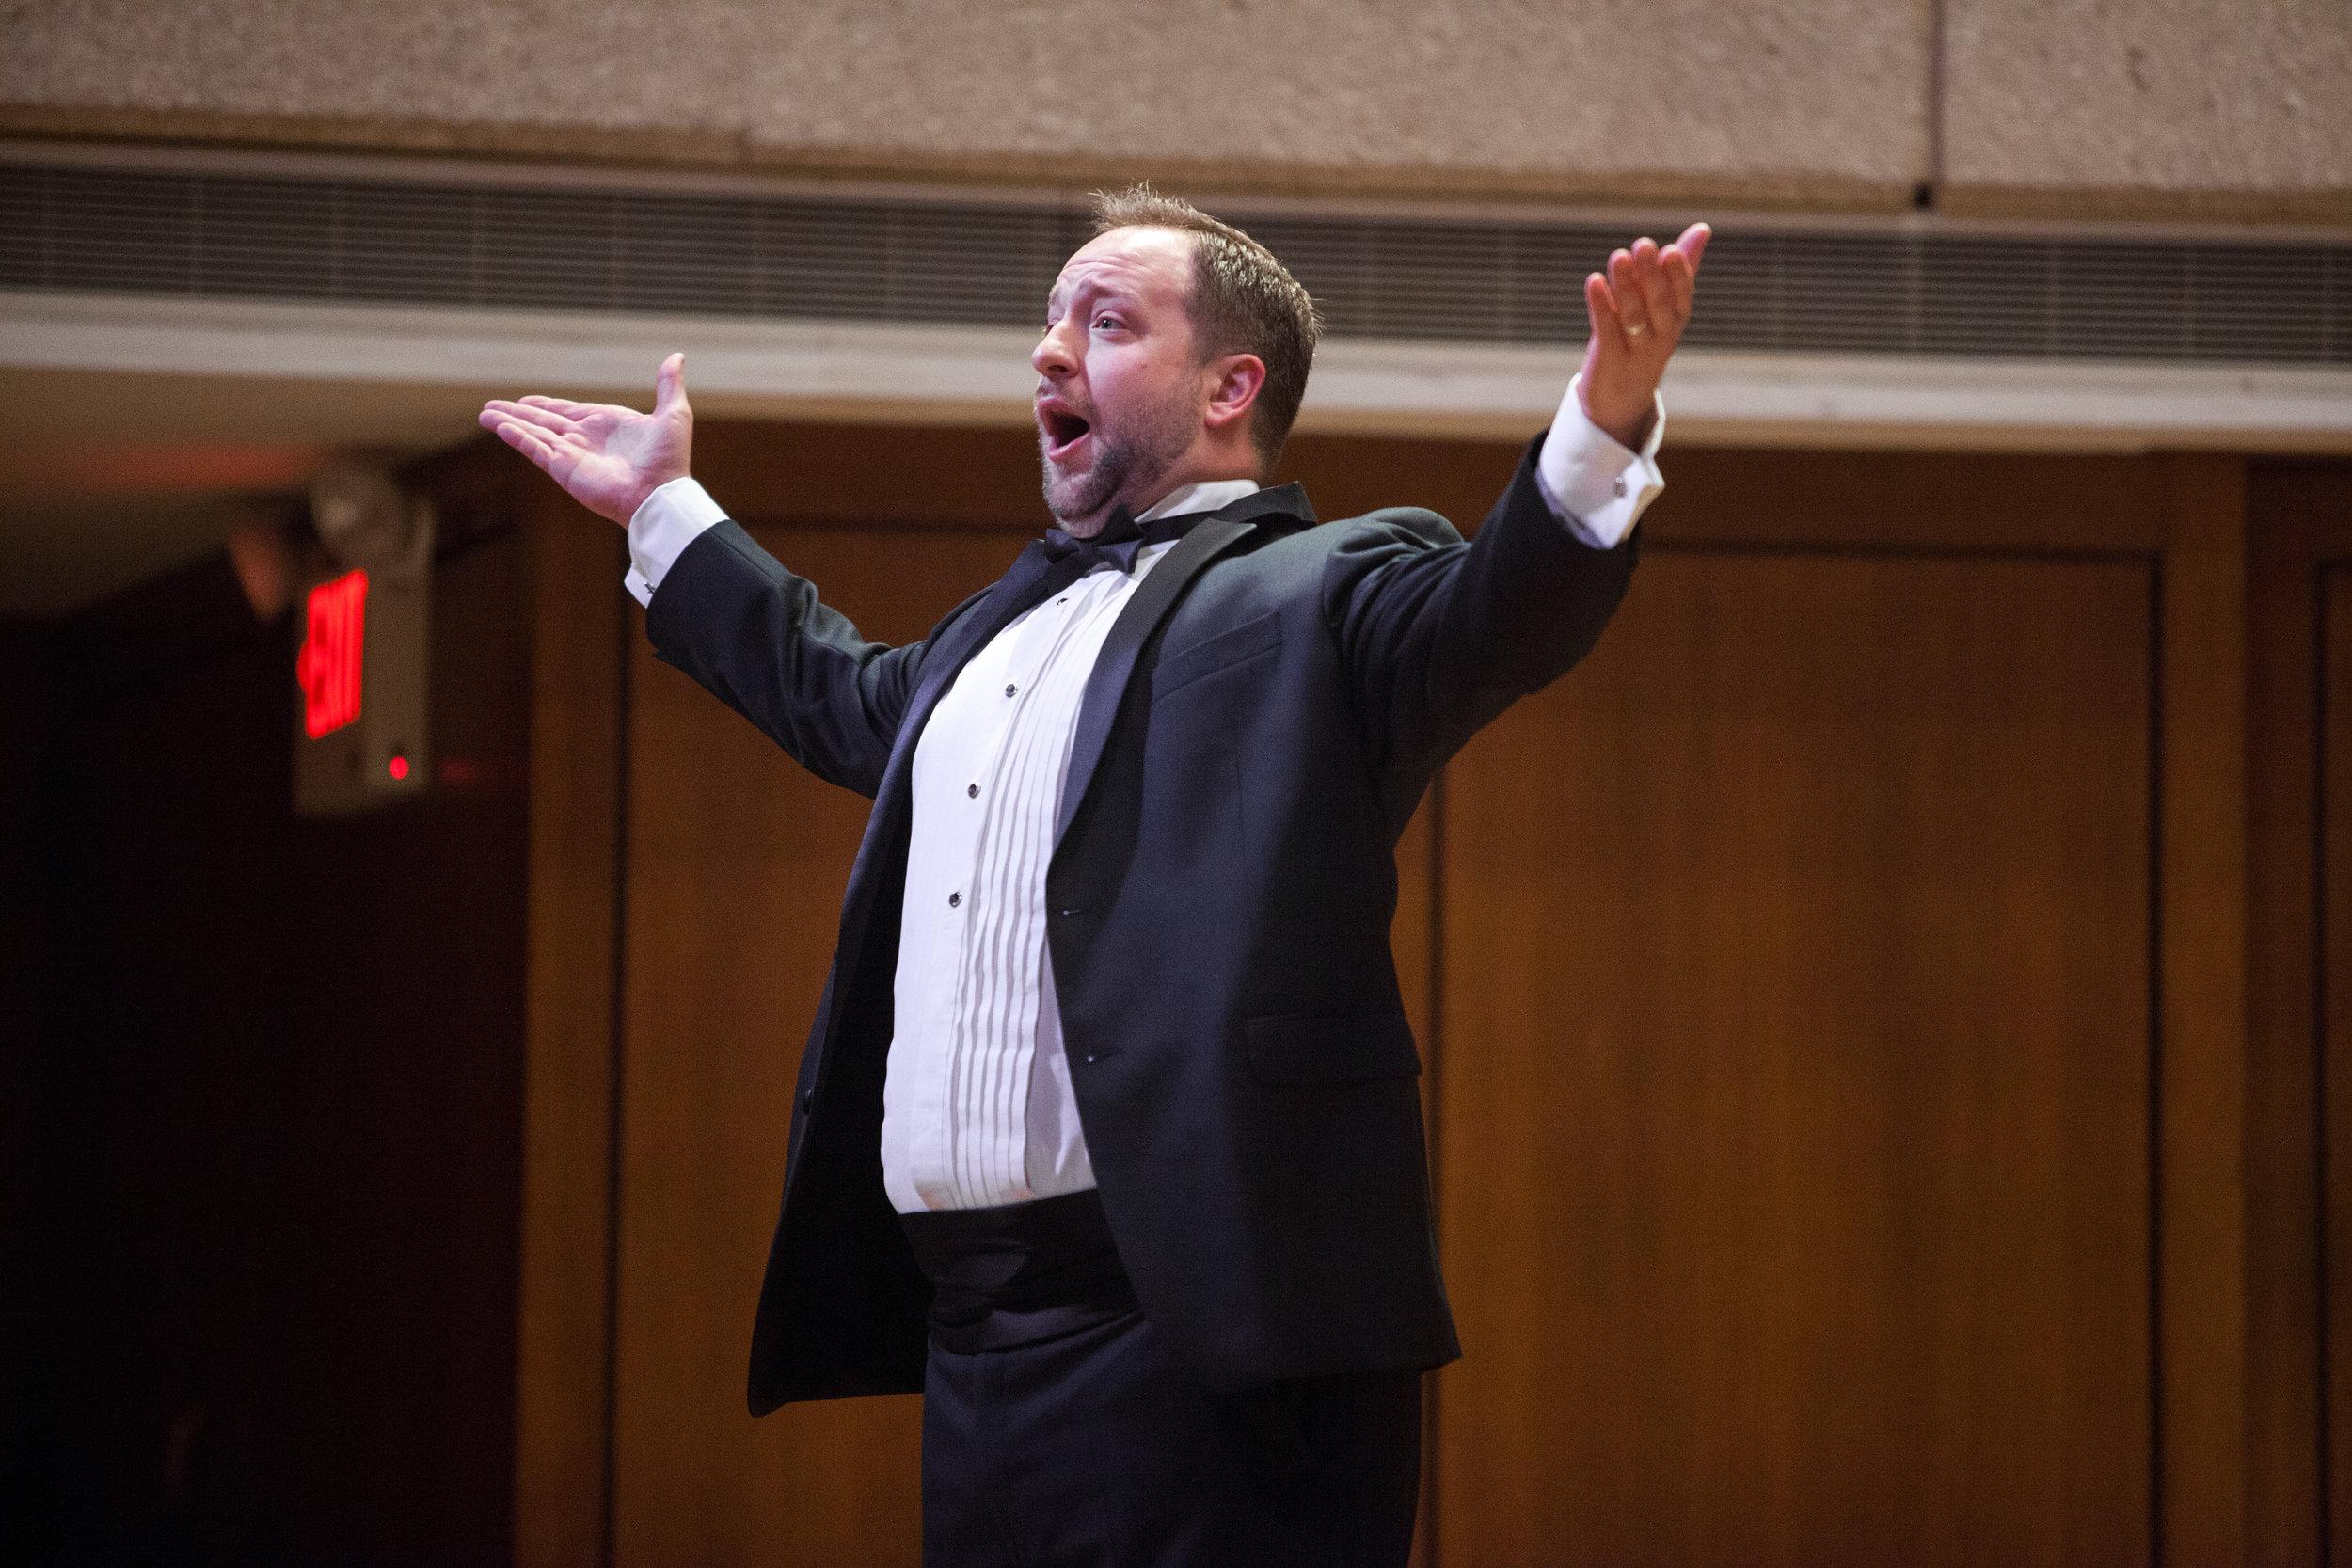 Benjamin Cox, baritone